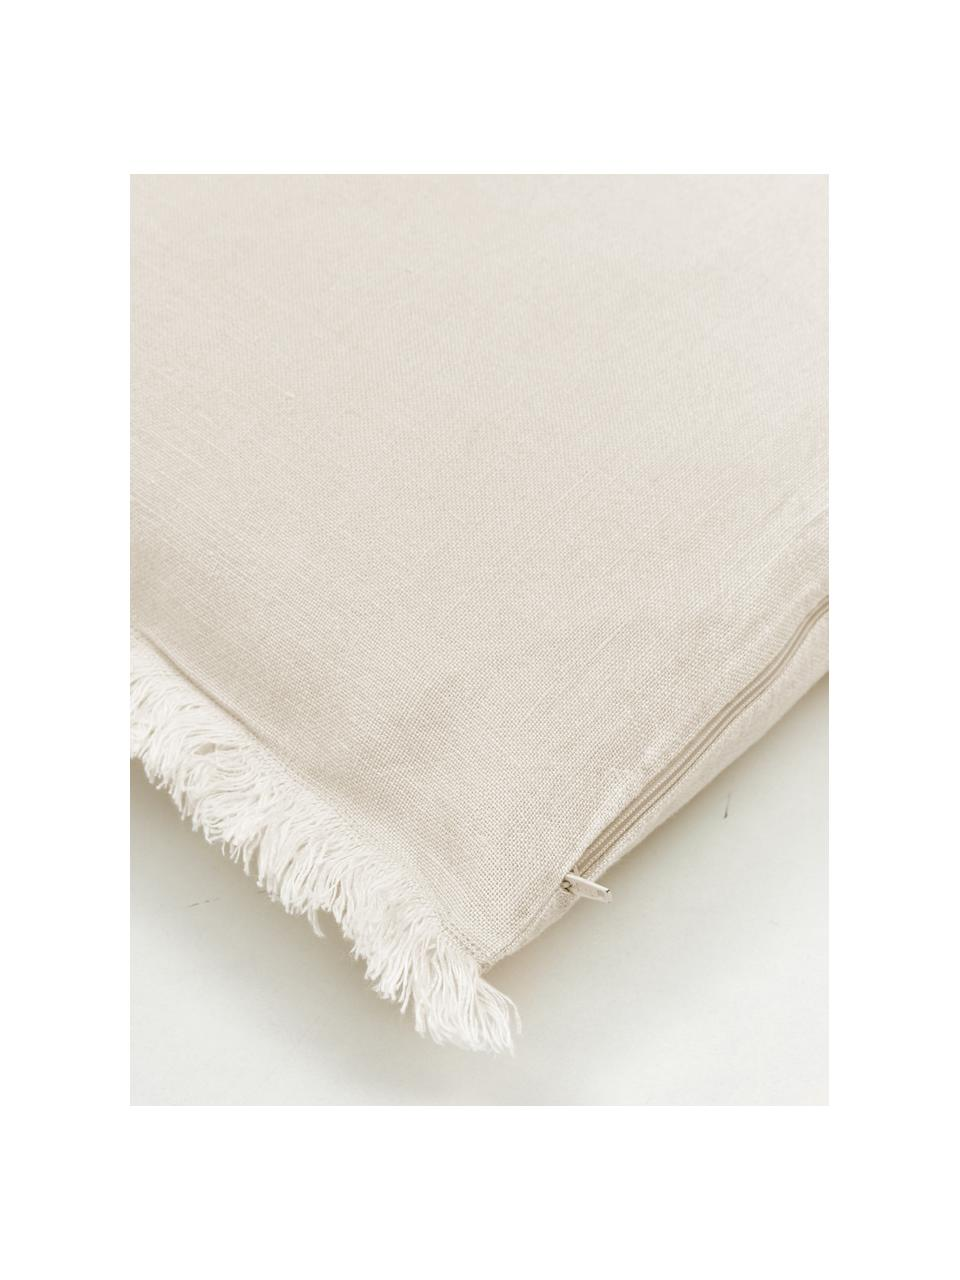 Federa arredo in lino beige chiaro con frange Luana, 100% lino, Beige, Larg. 30 x Lung. 50 cm